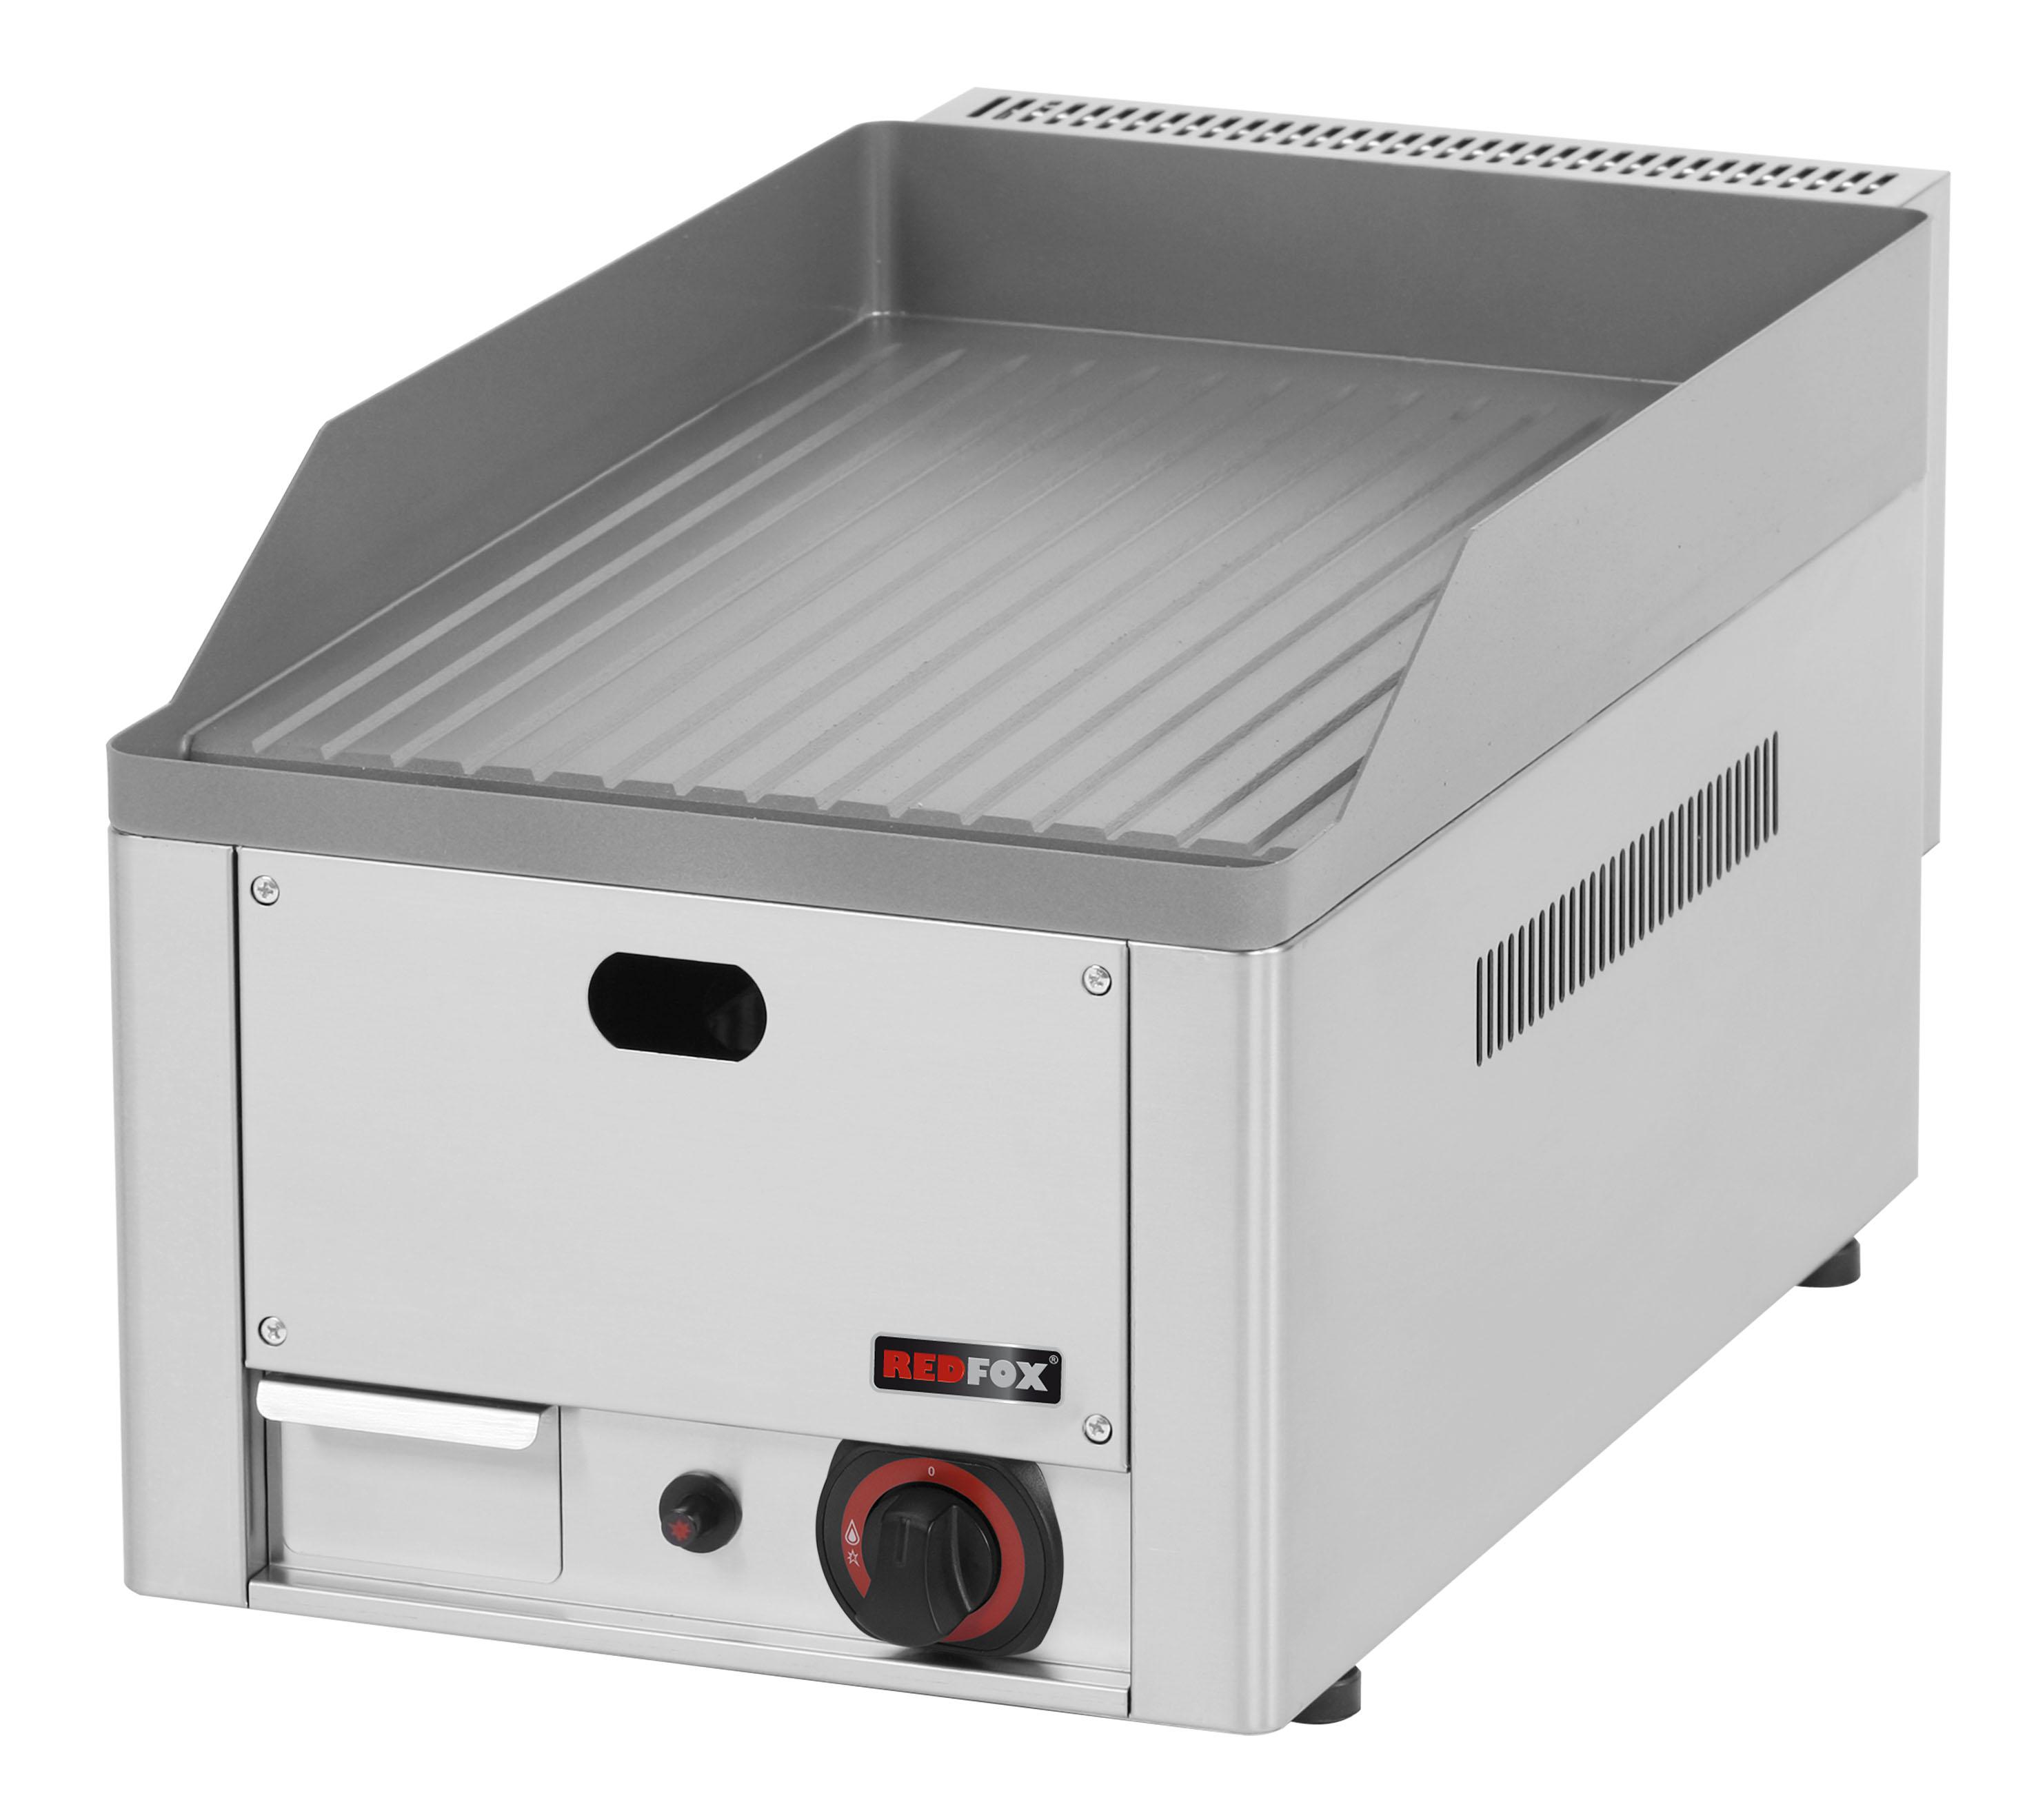 Deska grilovací plynová FTR 30 G rýhovaná ocelová RedFox